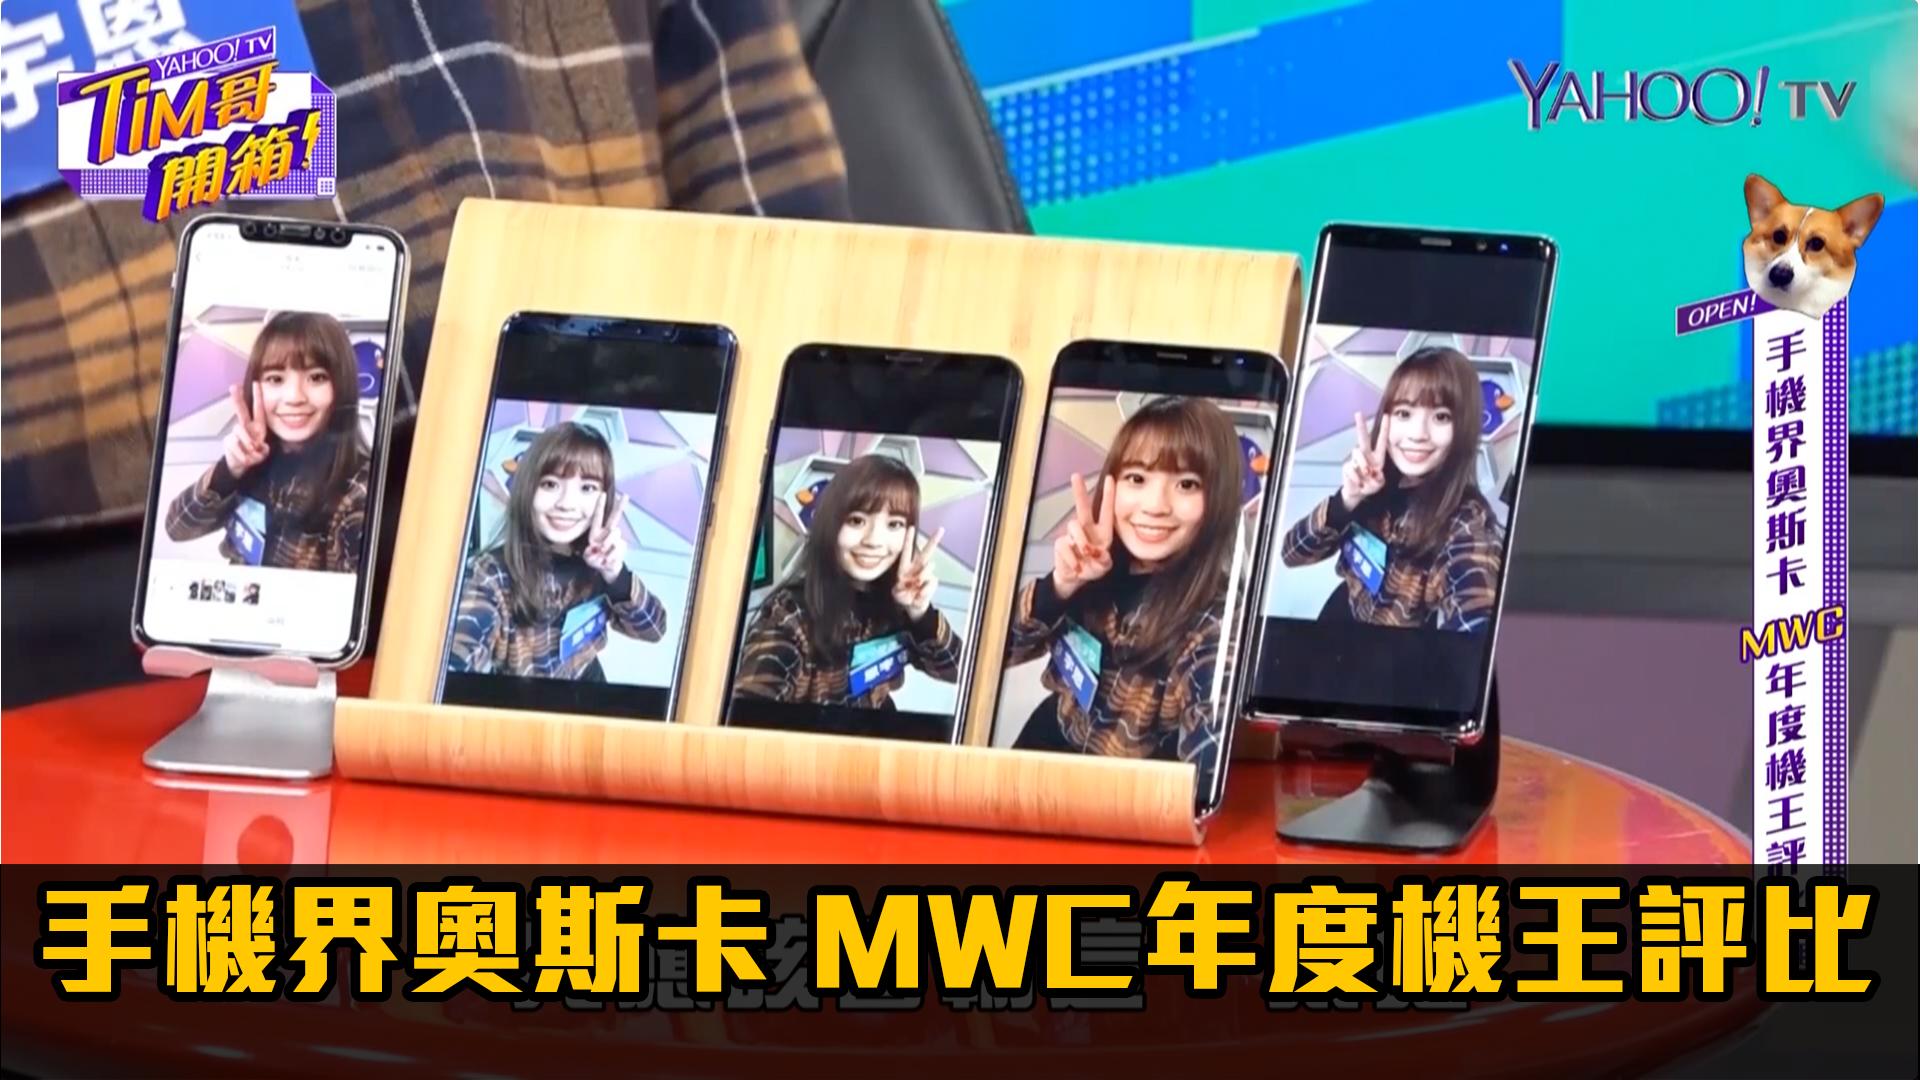 手機界奧斯卡 MWC年度機王評比 -【Tim哥開箱】